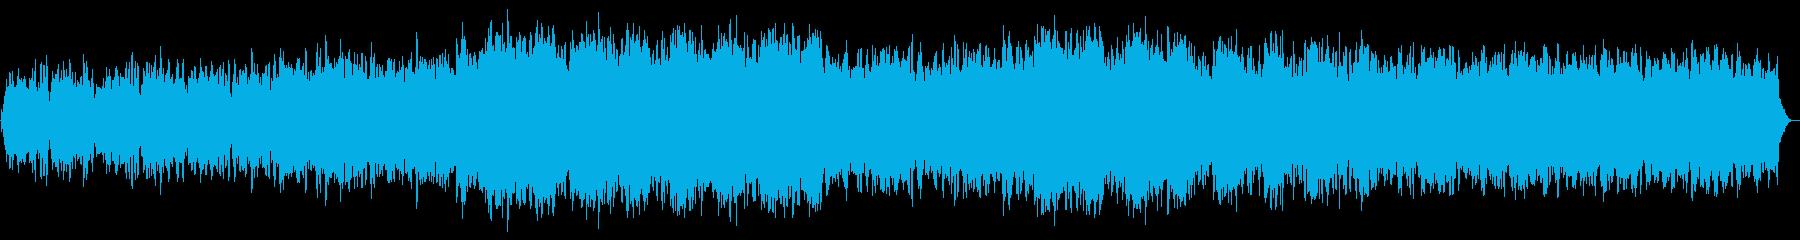 ゆったりしたテンポの幻想的な曲の再生済みの波形